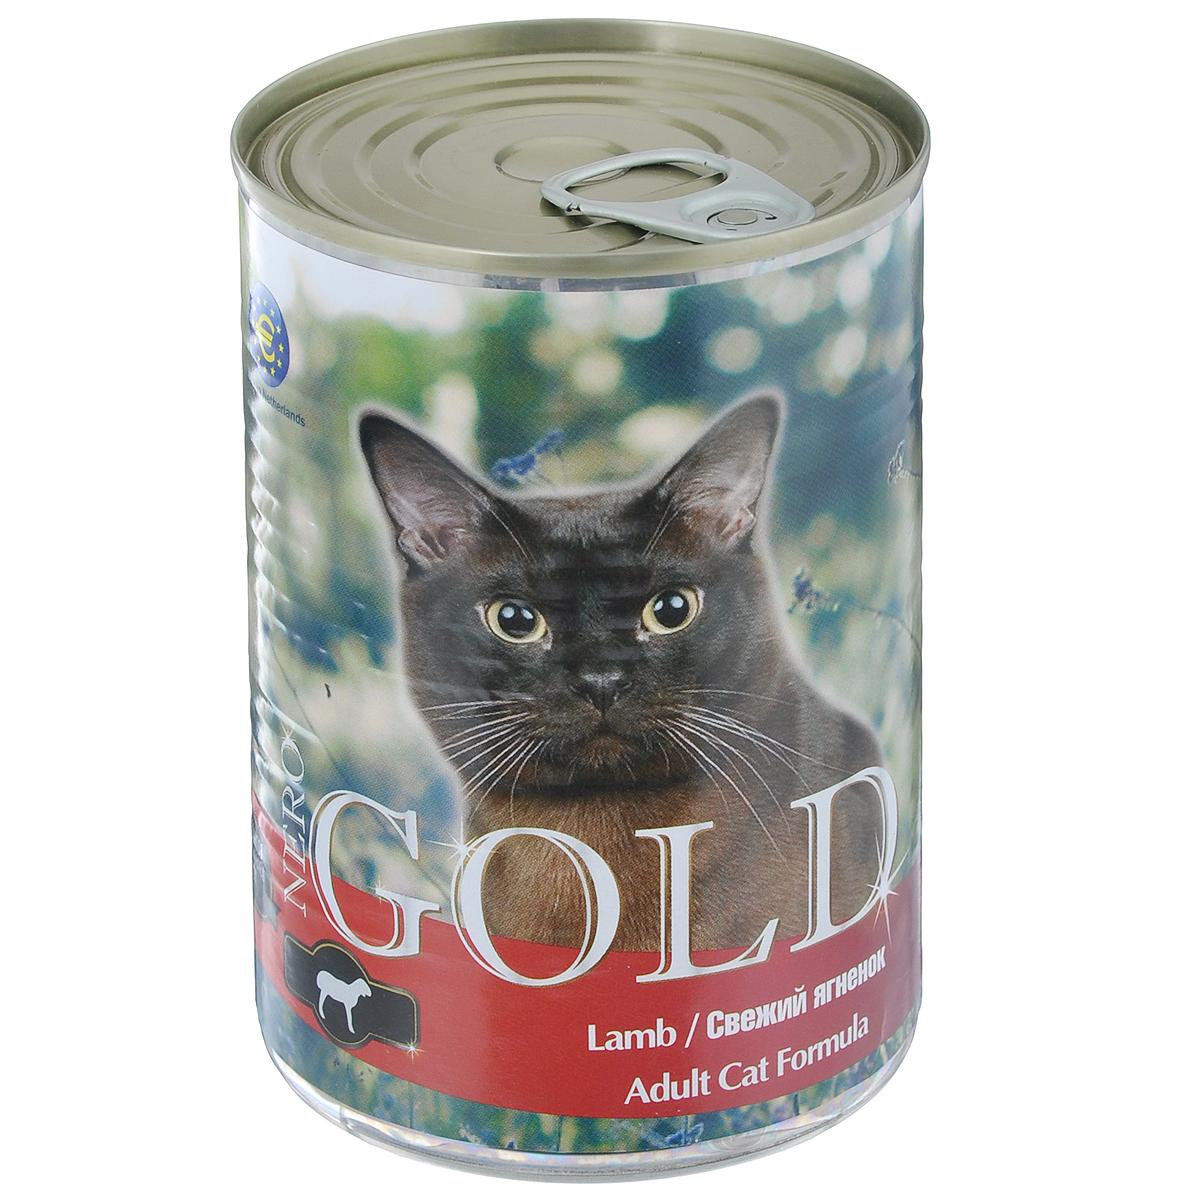 Консервы для кошек Nero Gold, свежий ягненок, 410 г24486Консервы для кошек Nero Gold - полнорационный продукт, содержащий все необходимые витамины и минералы, сбалансированный для поддержания оптимального здоровья вашего питомца! Состав: мясо и его производные, филе курицы, ягненок, злаки, витамины и минералы. Гарантированный анализ: белки 6%, жиры 4,5%, клетчатка 0,5%, зола 2%, влага 81%. Пищевые добавки на 1 кг продукта: витамин А 1600 МЕ, витамин D 140 МЕ, витамин Е 10 МЕ, таурин 300 мг, железо 24 мг, марганец 6 мг, цинк 15 мг, медь 1 мг, магний 200 мг, йод 0,3 мг, селен 0,2 мг.Вес: 410 г. Товар сертифицирован.